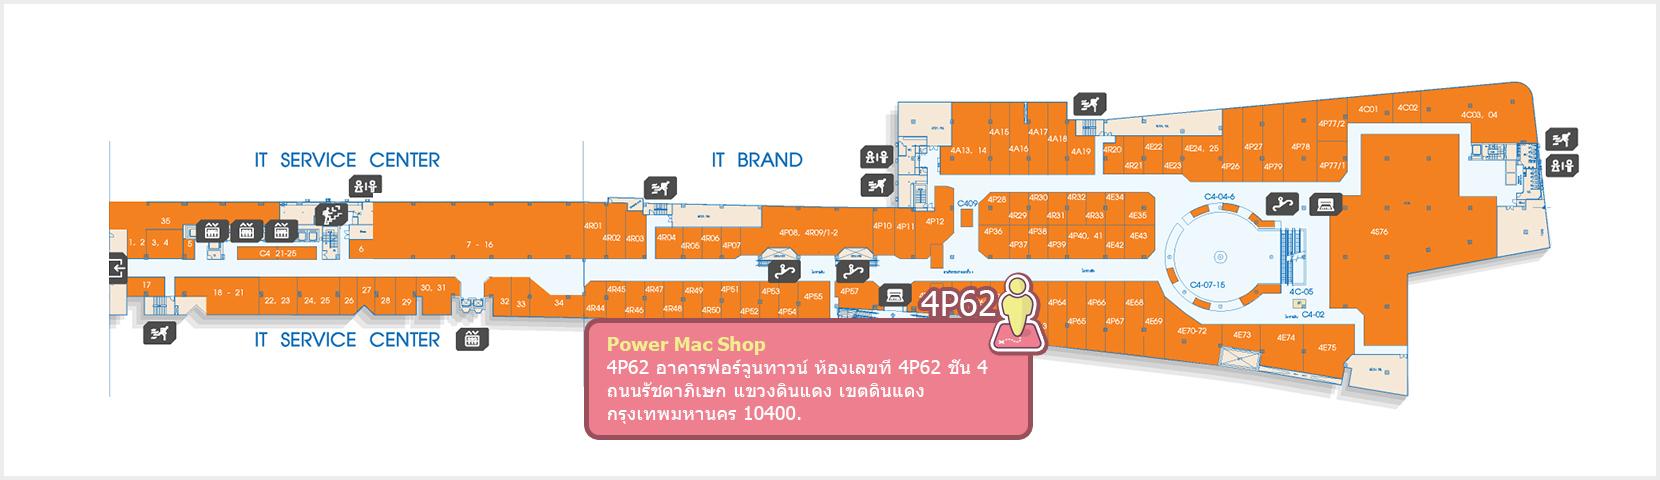 map-plan-2